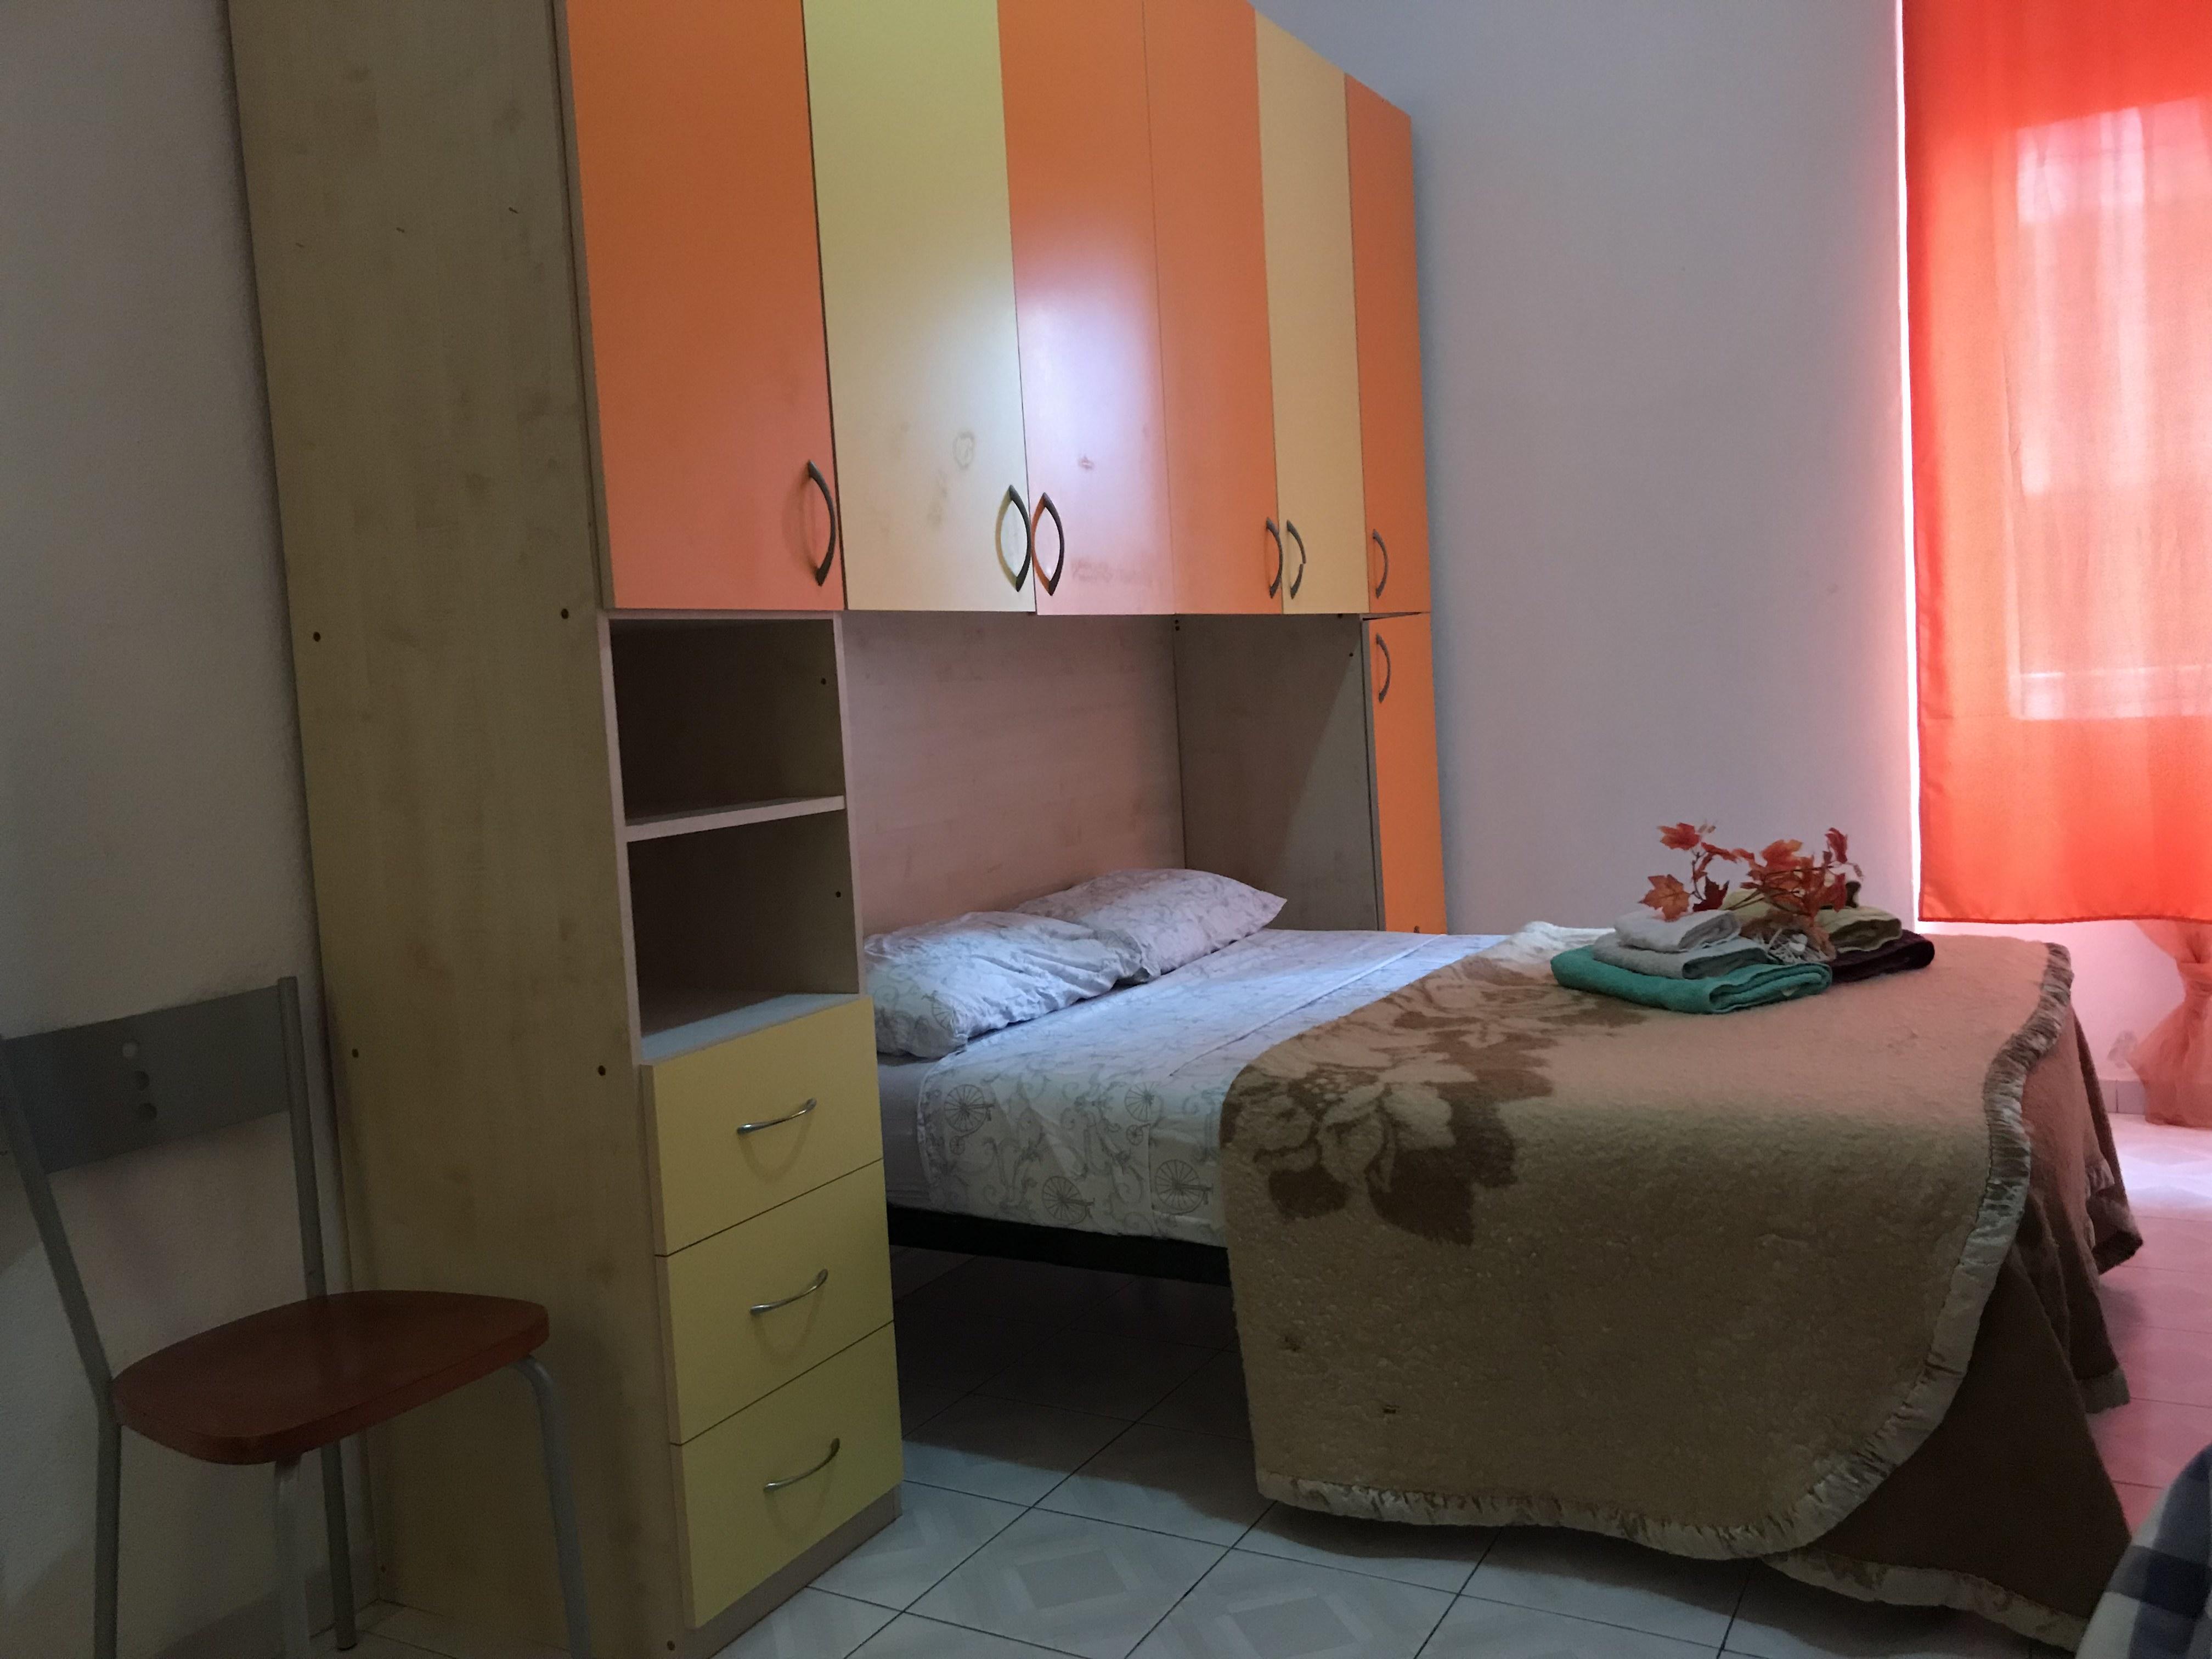 Camera 6 con bagno in comune e aria condizionata